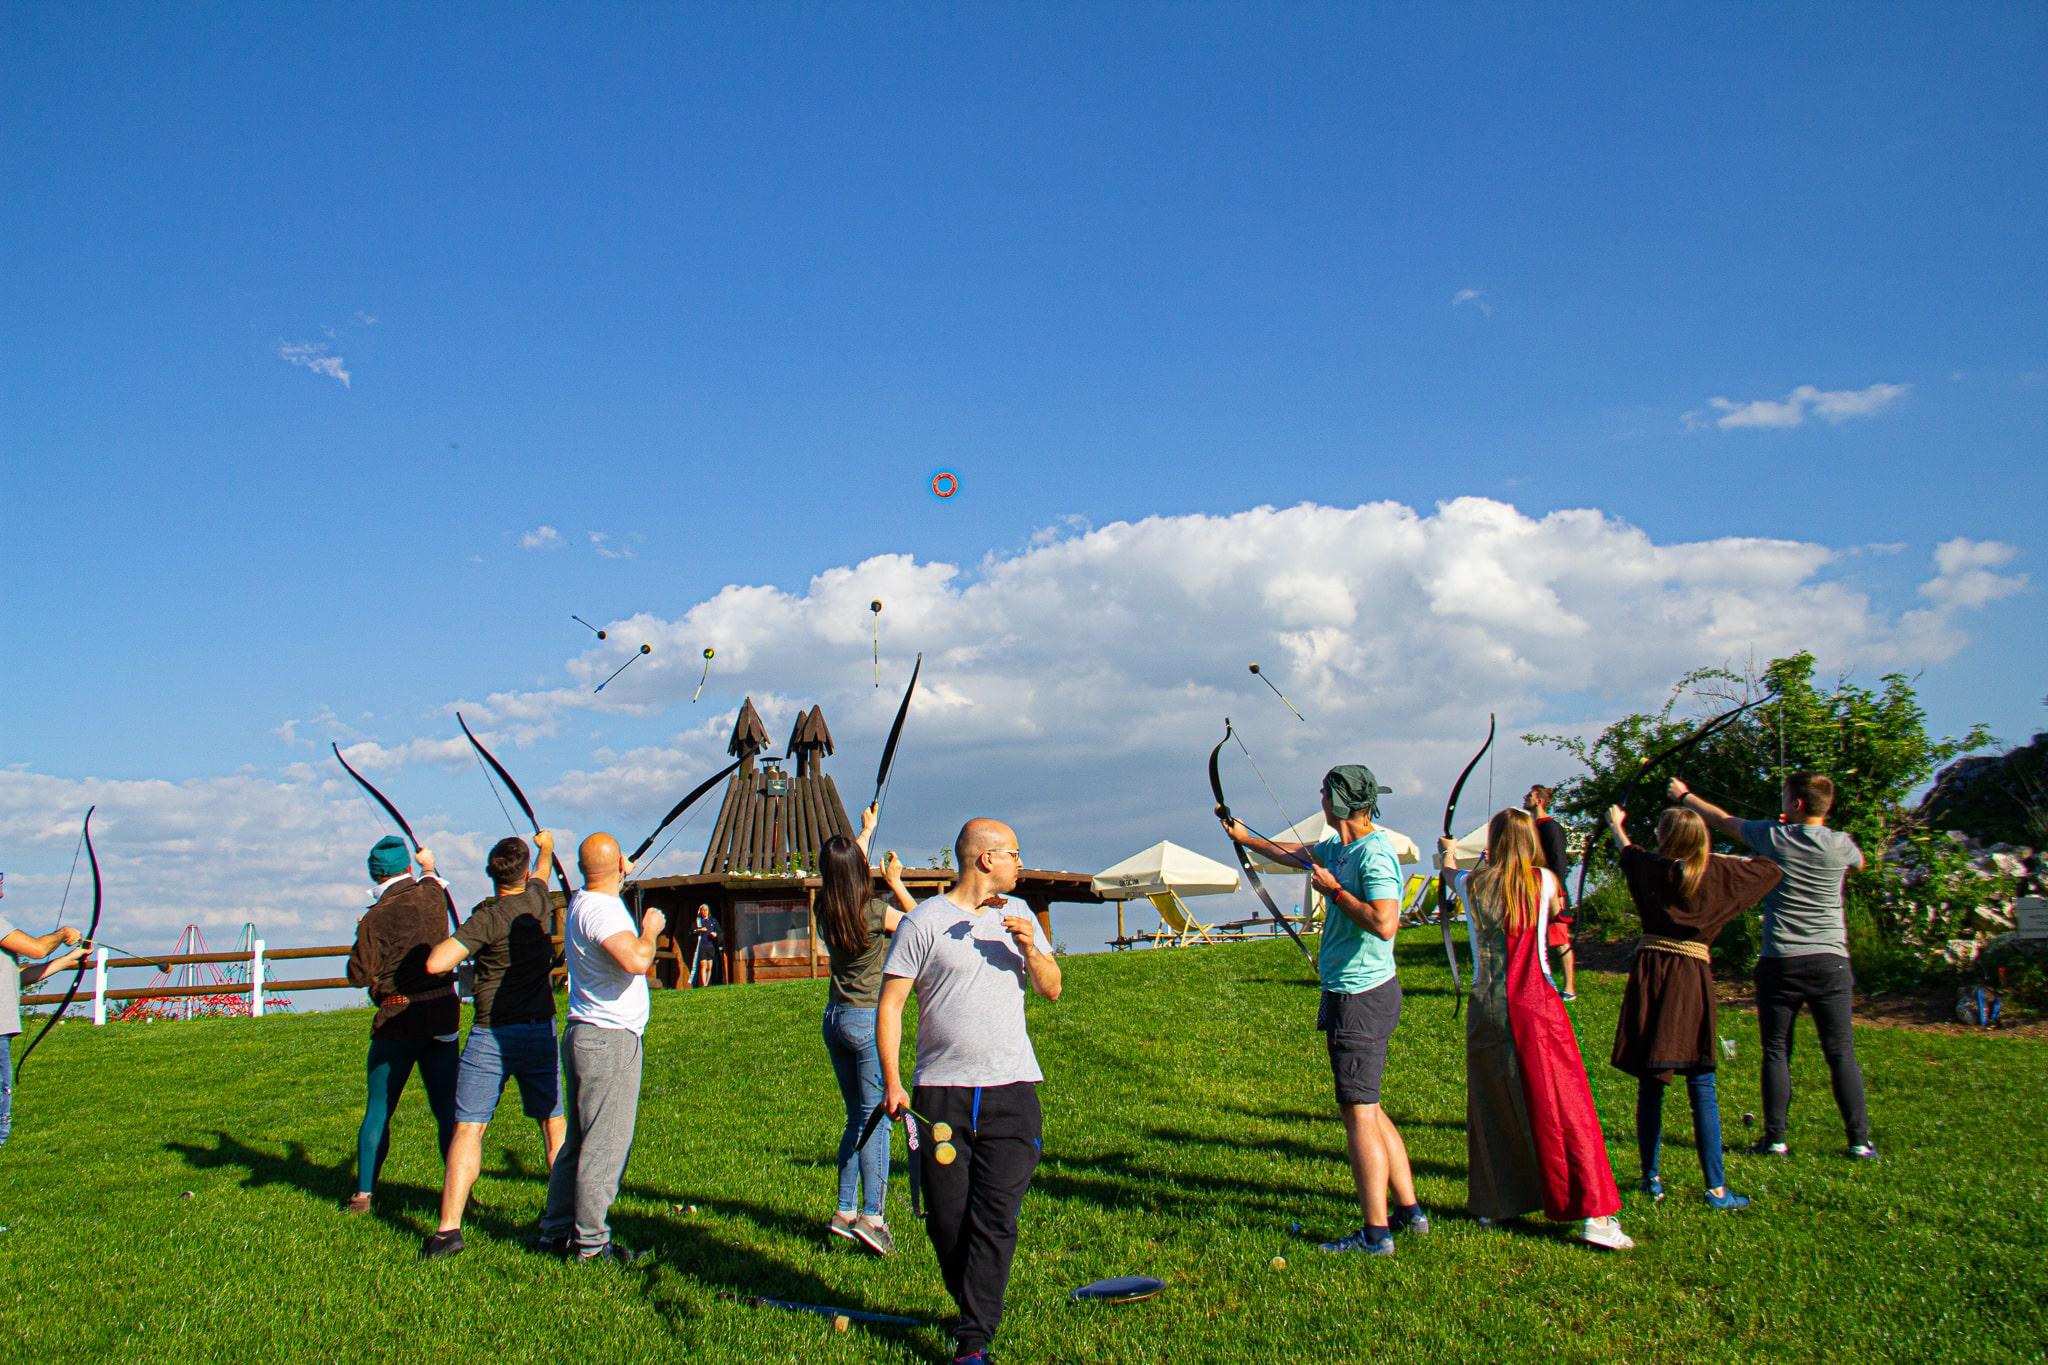 Podczas gry fabularnej Robin Hood uczestnicy ćwiczą celność w strzelaniu z łuku